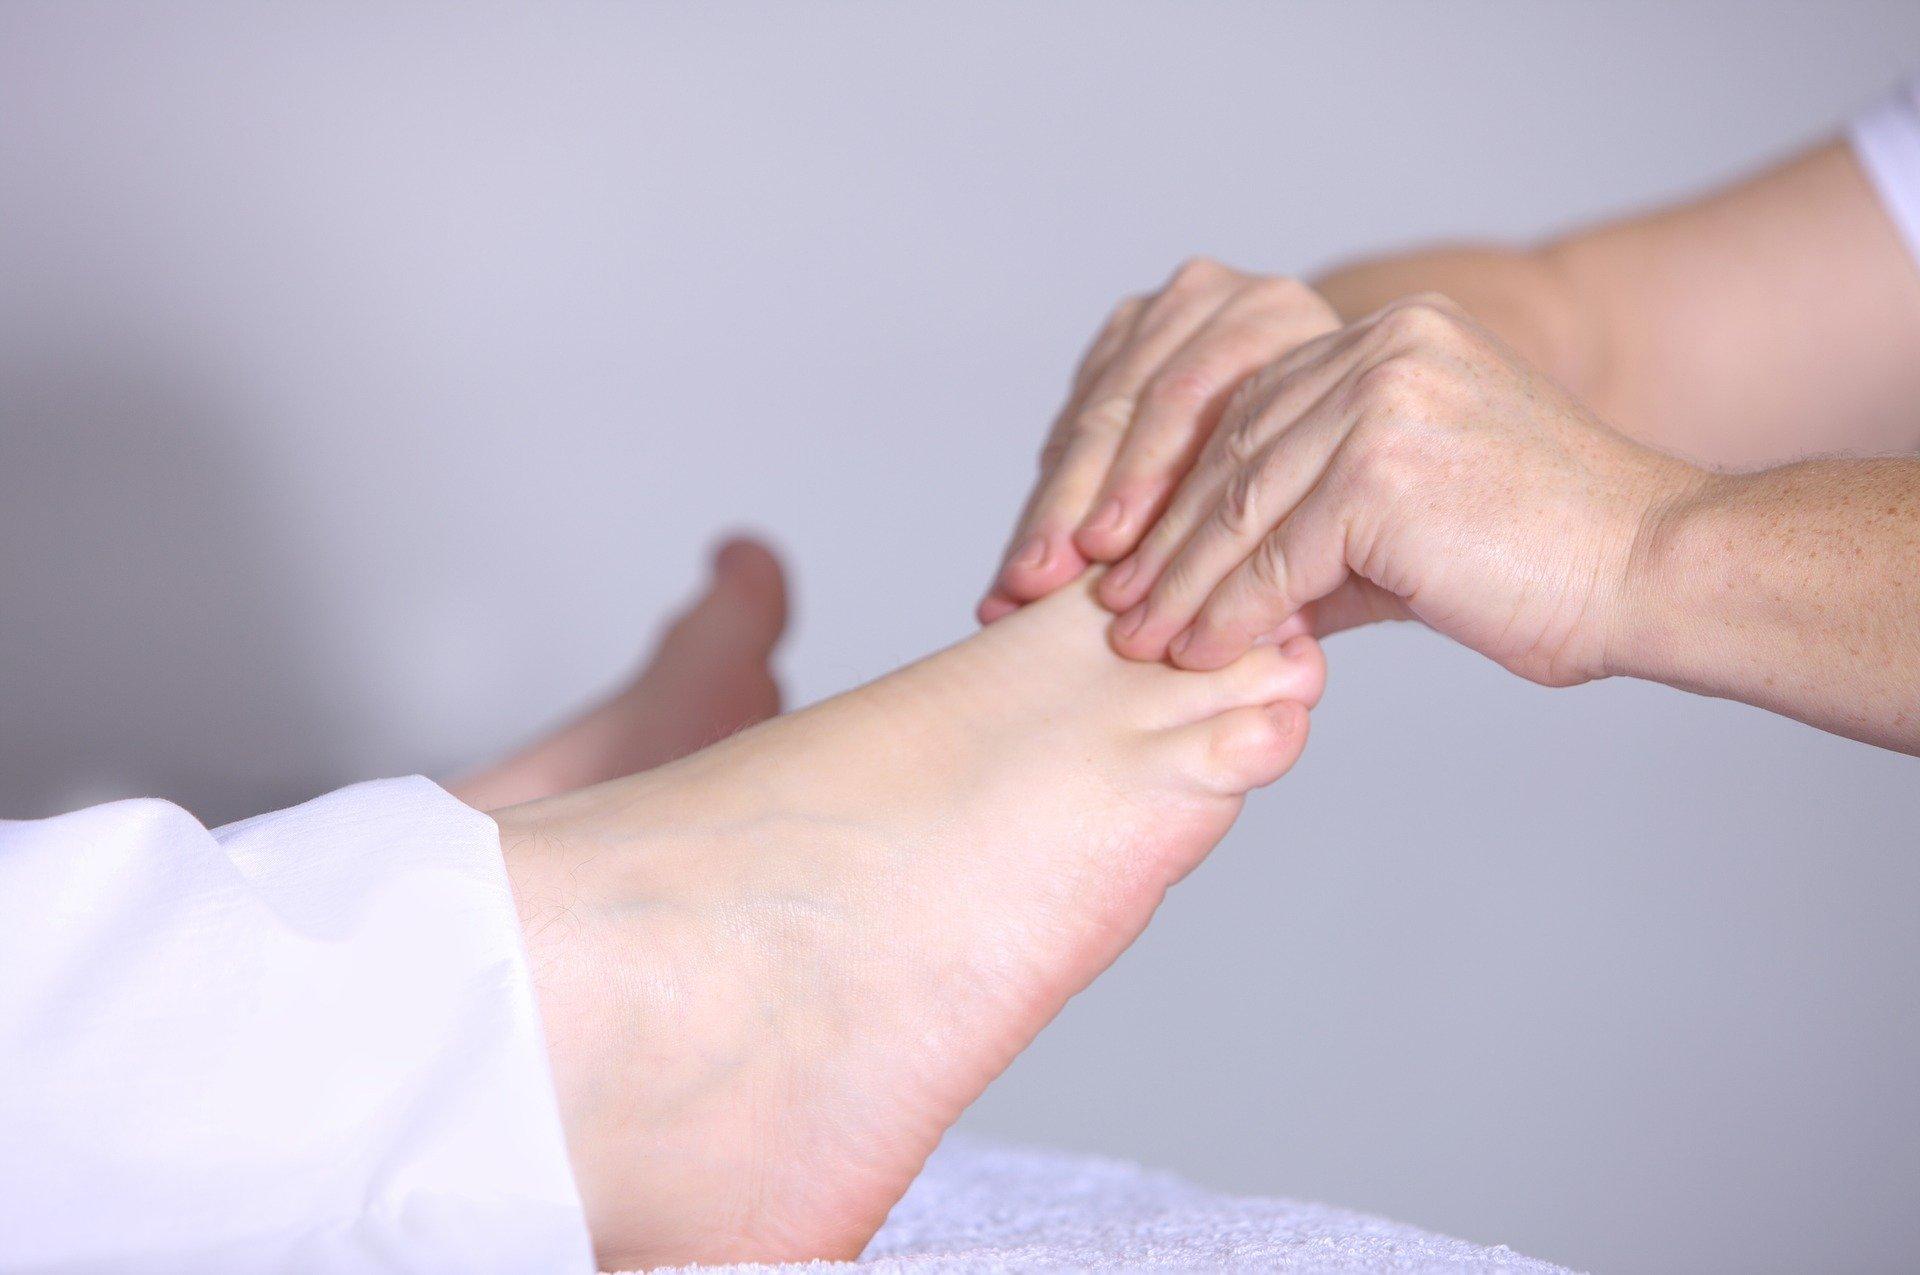 Todo sobre los pies planos: por qué surgen, síntomas y tratamientos